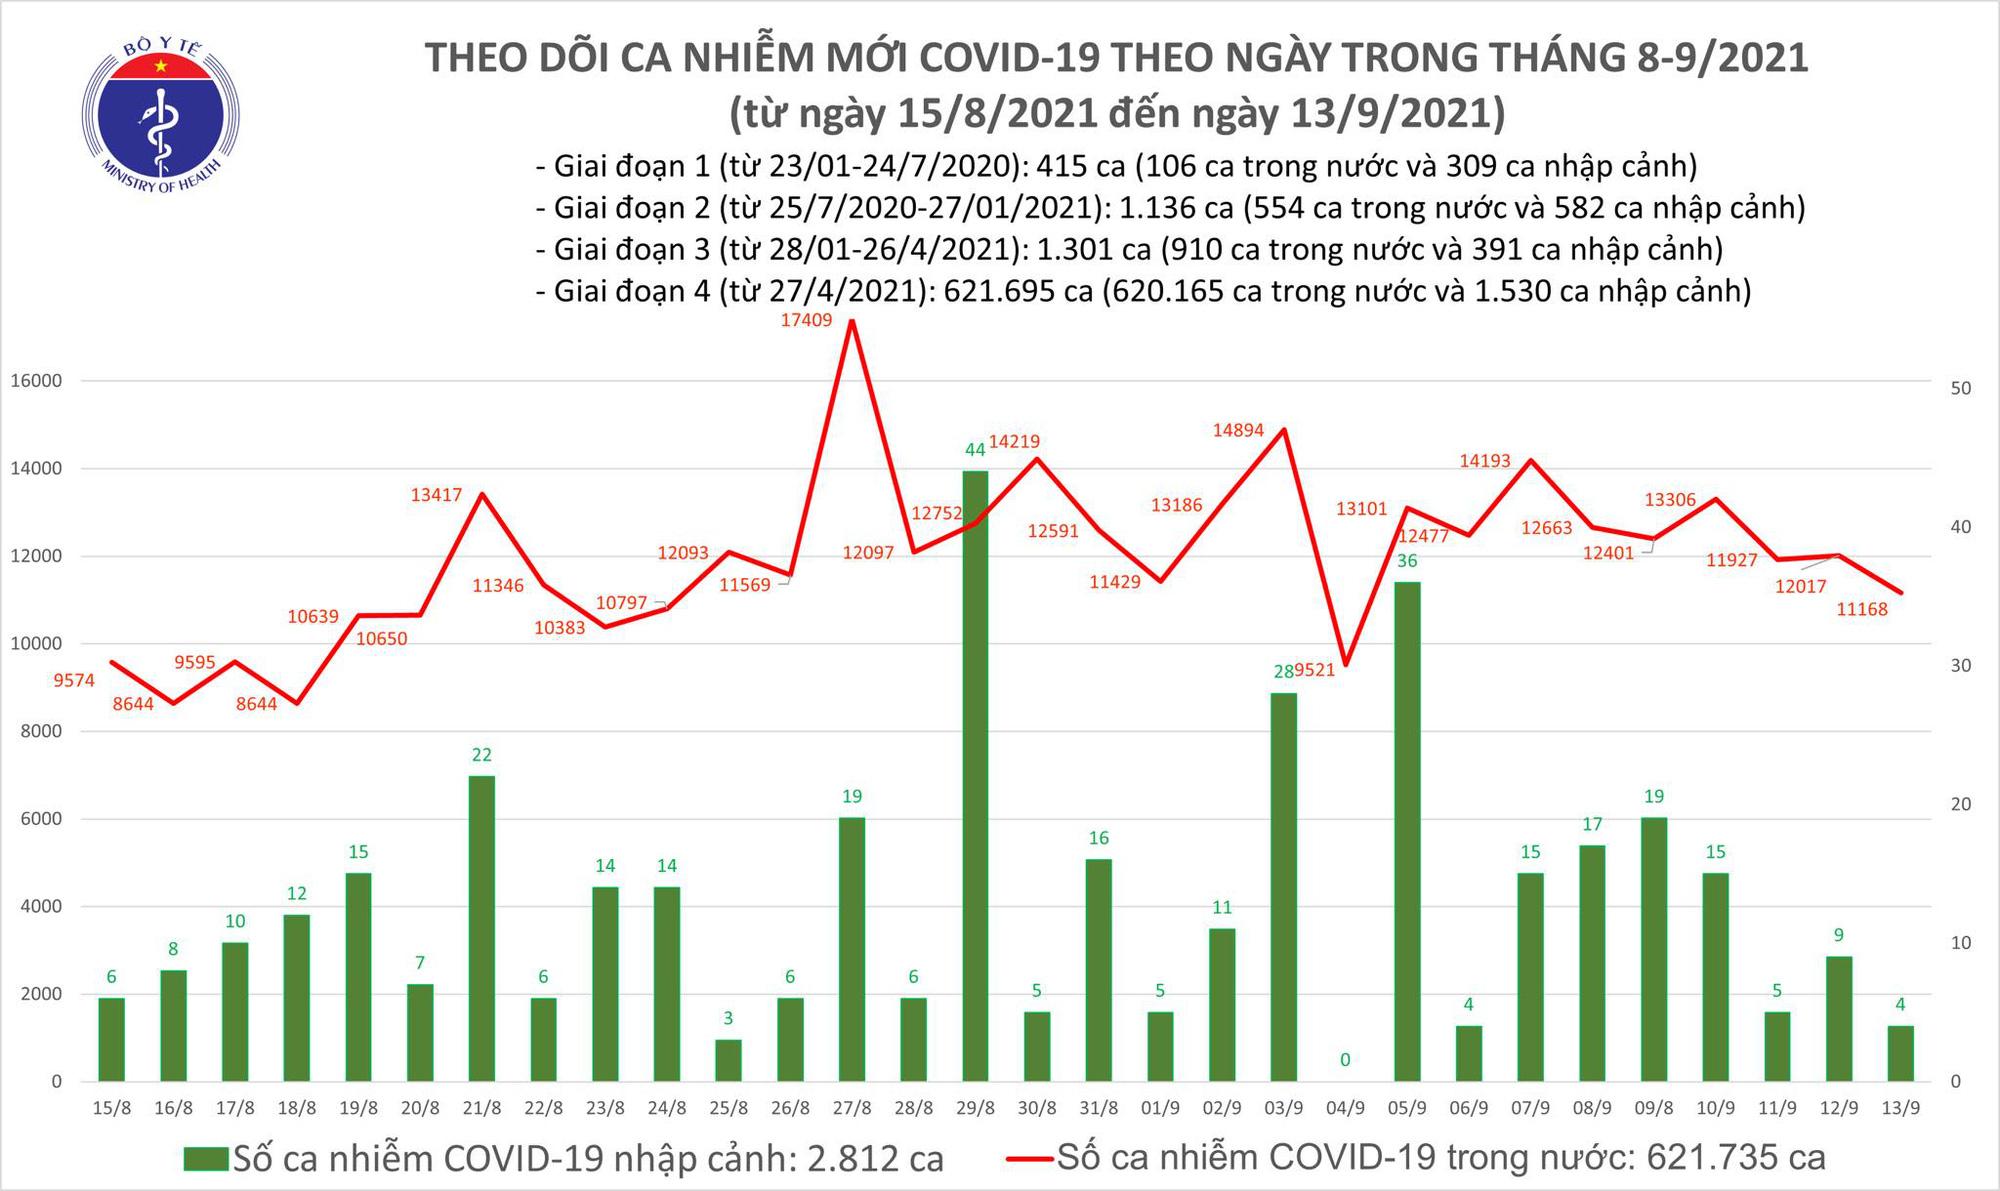 Ngày 13/9: Có 11.172 ca mắc COVID-19, TP HCM nhiều nhất với 5.446 ca  - Ảnh 2.